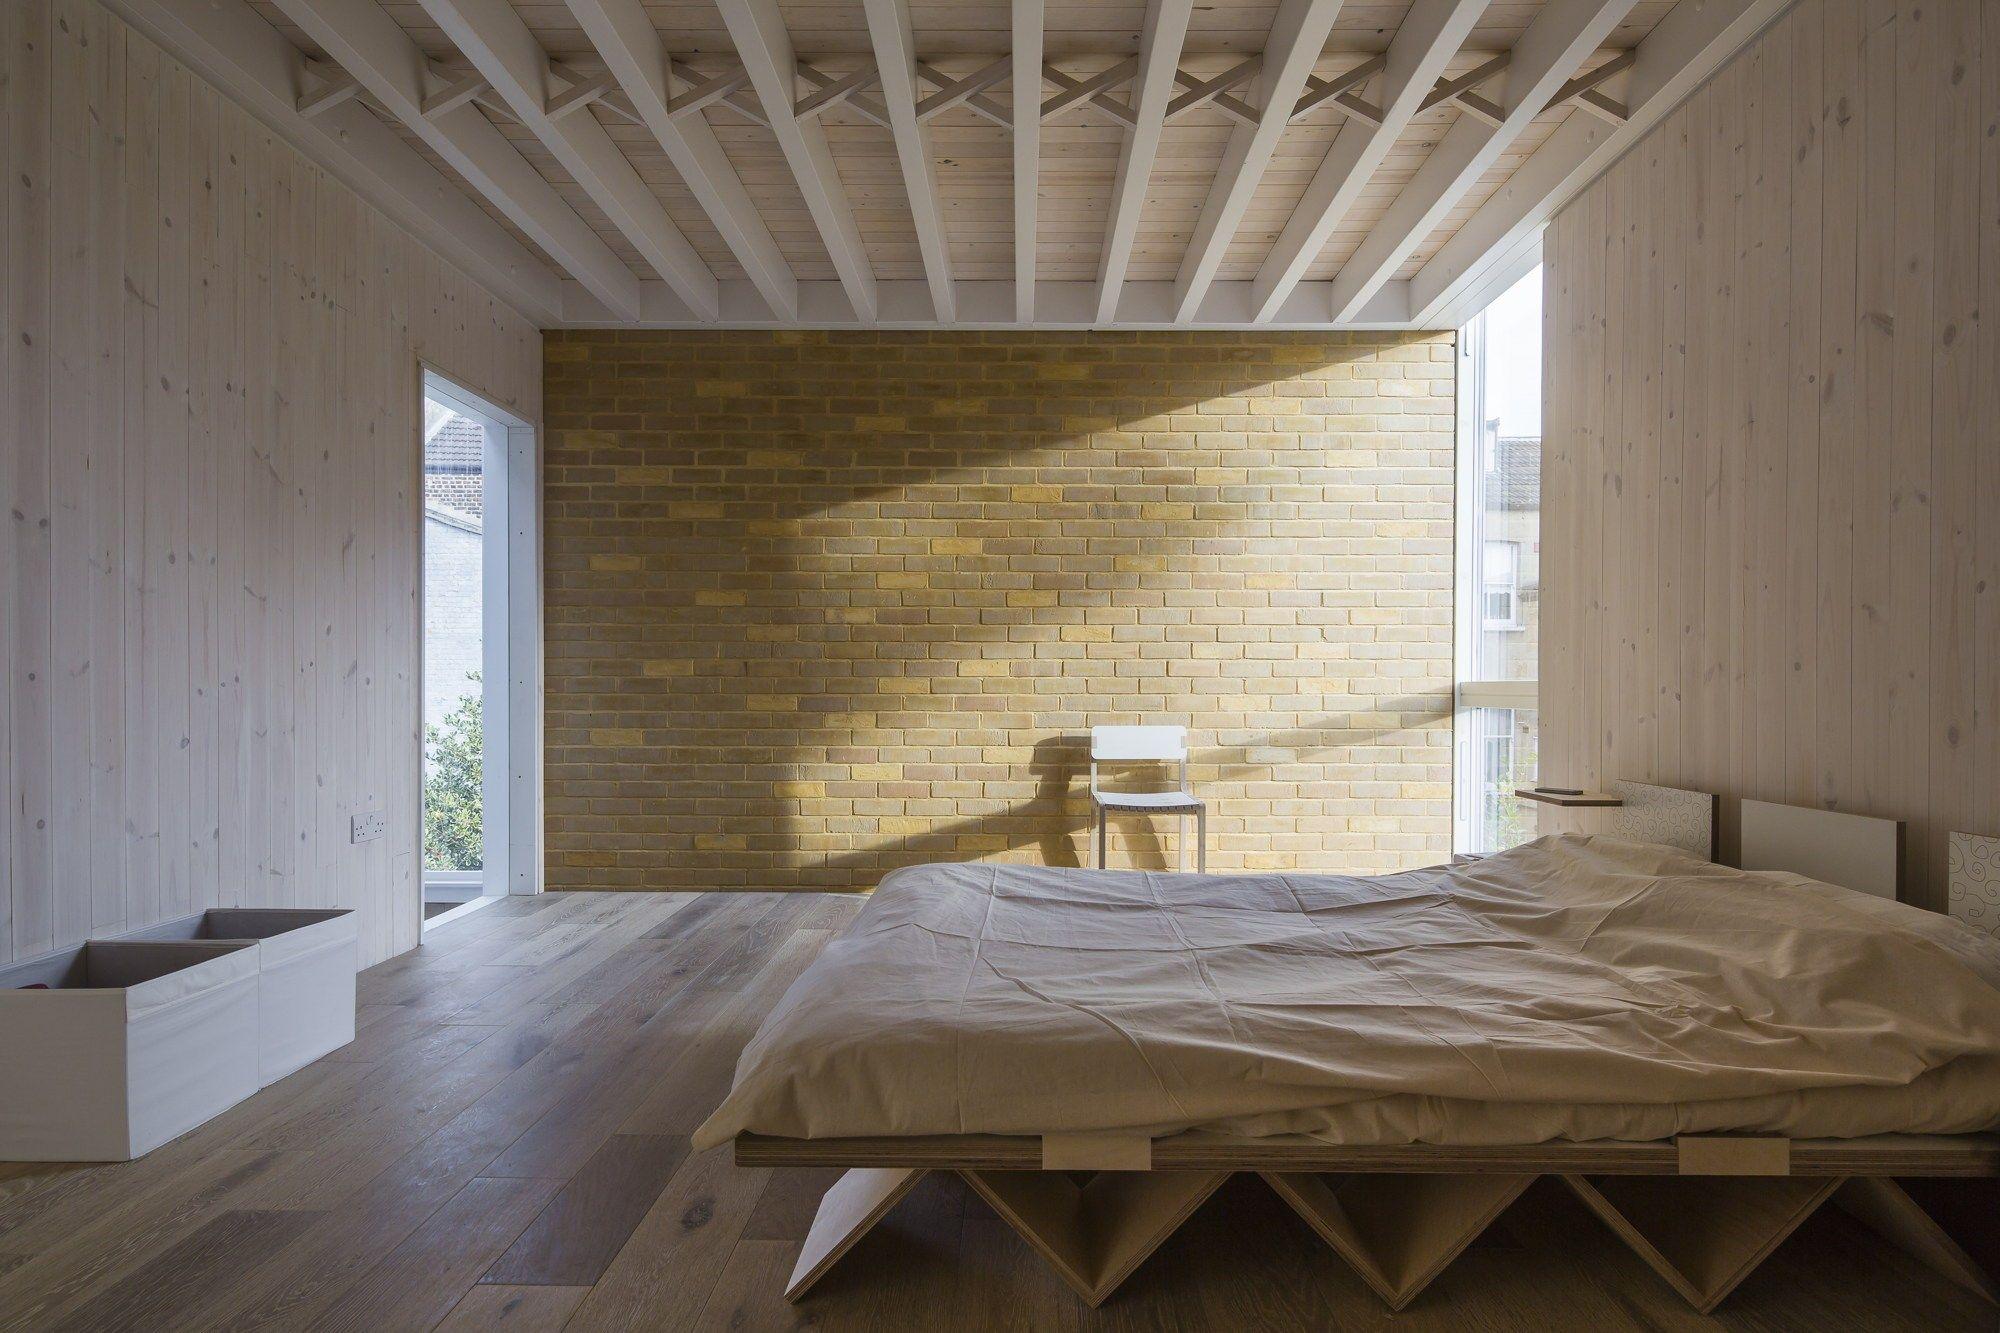 Wohnhaus in London - Alte Strukturen in neuem Gewand | Gewand ...